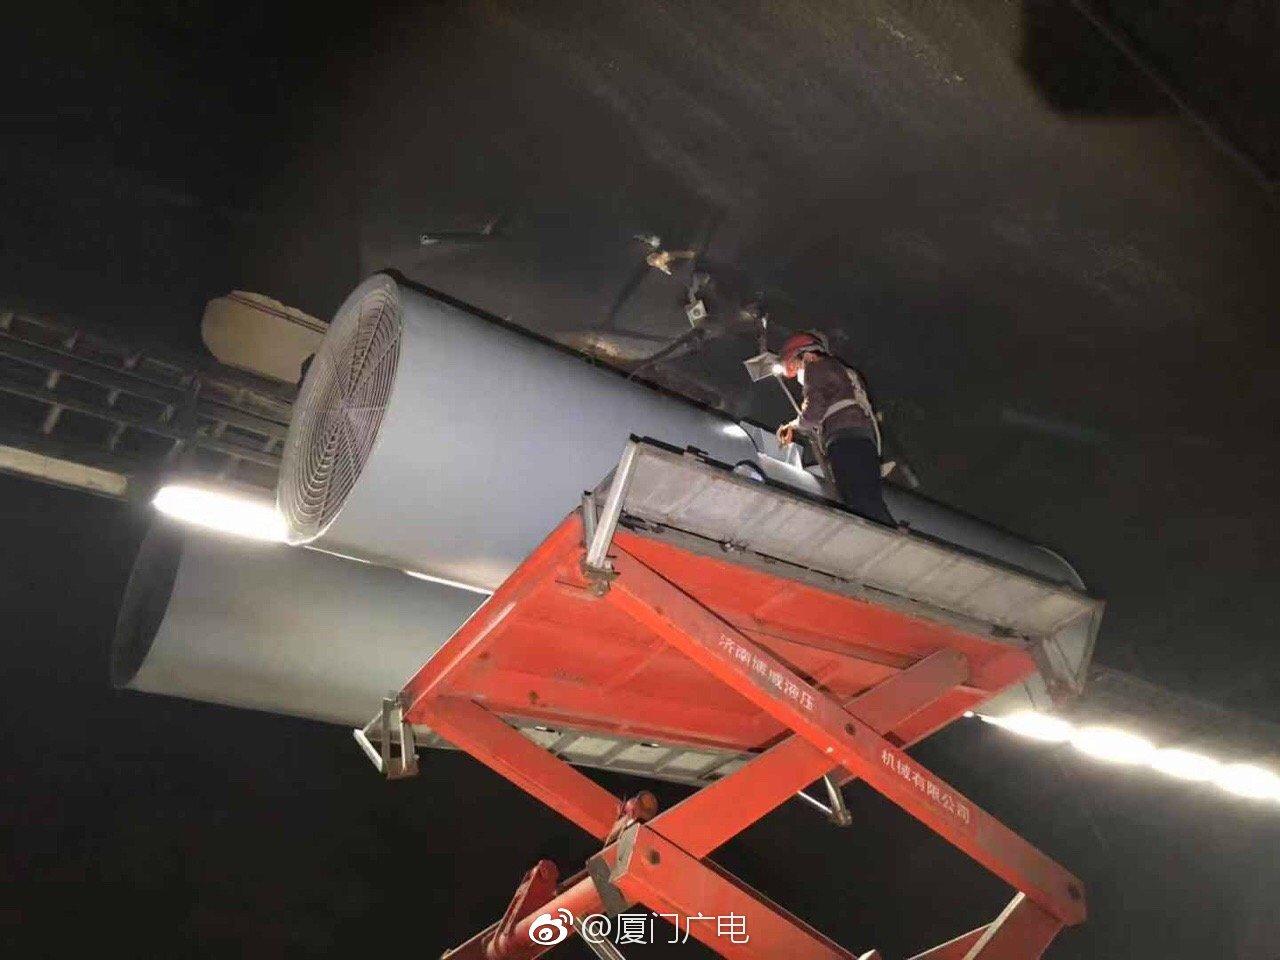 公路桥隧维护中心对文兴隧道、钟鼓山隧道风机进行维保作业